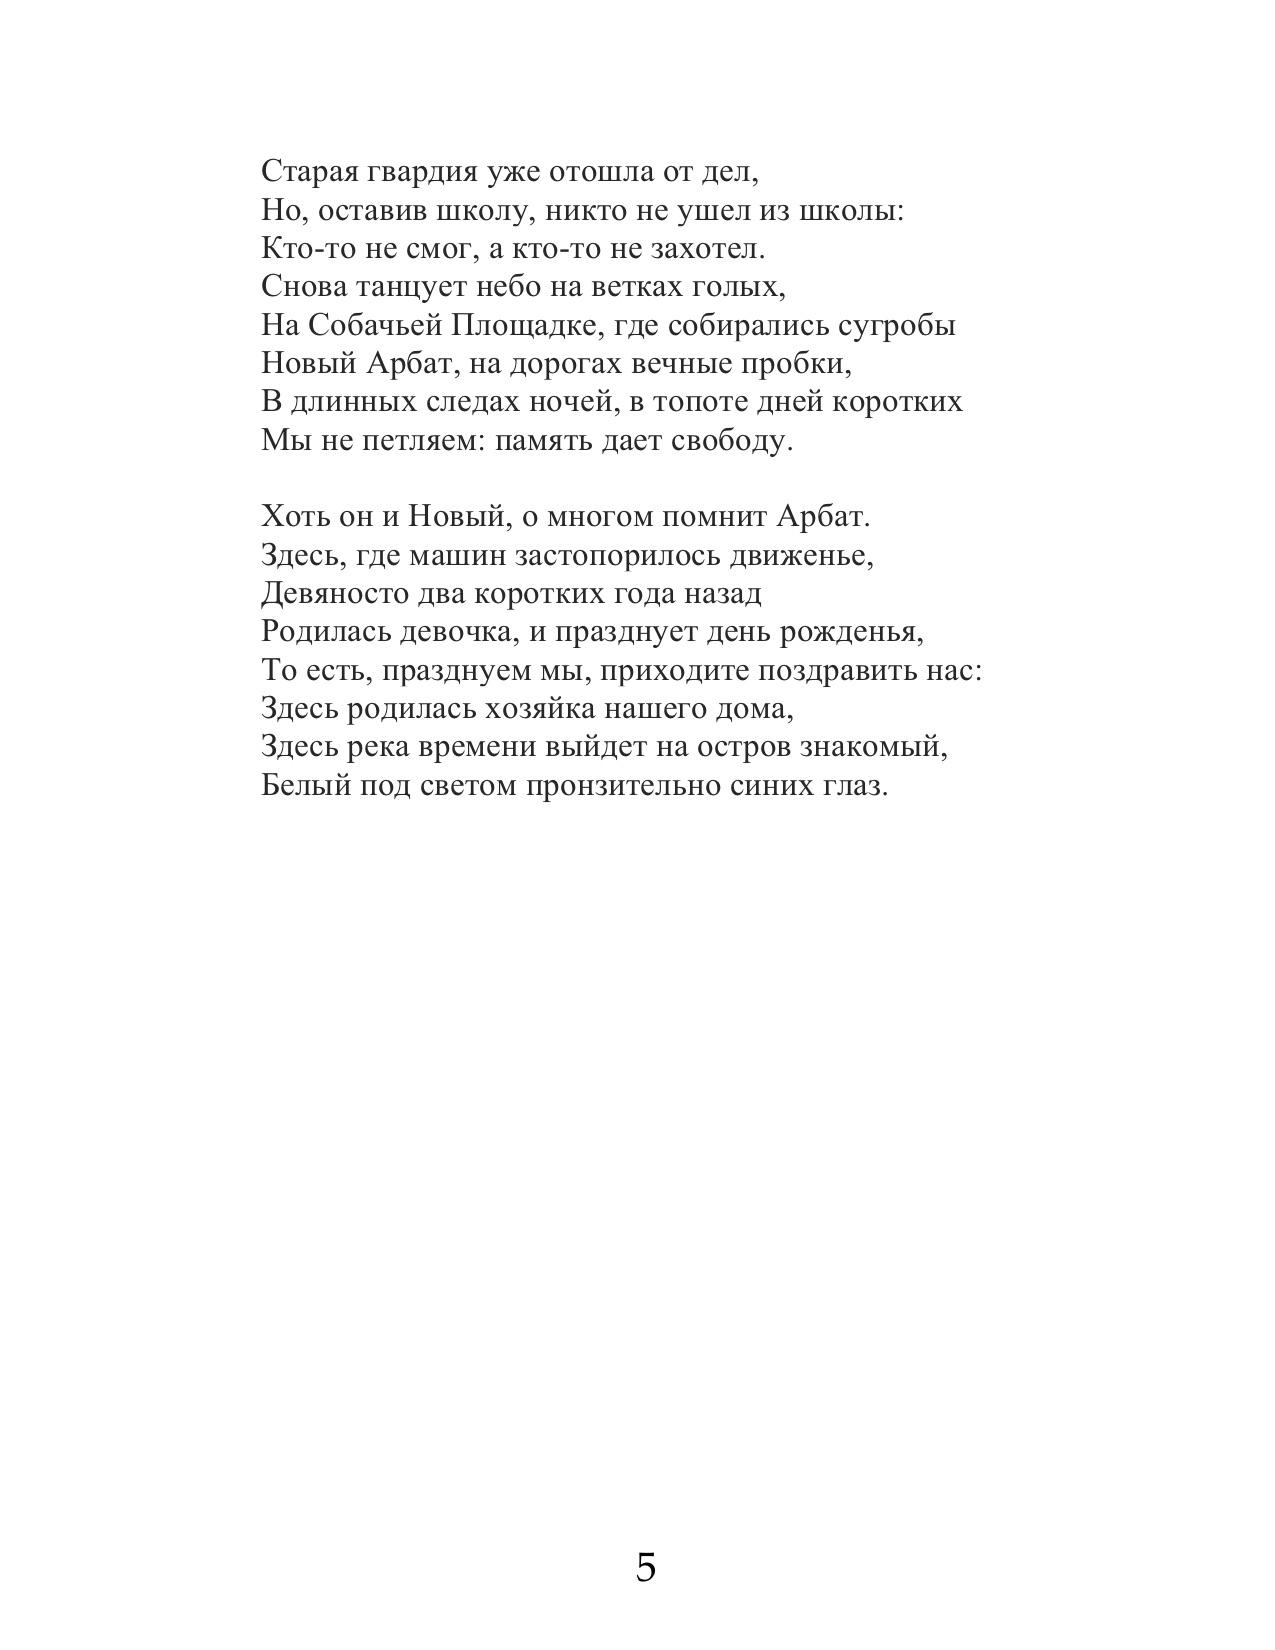 yulia5